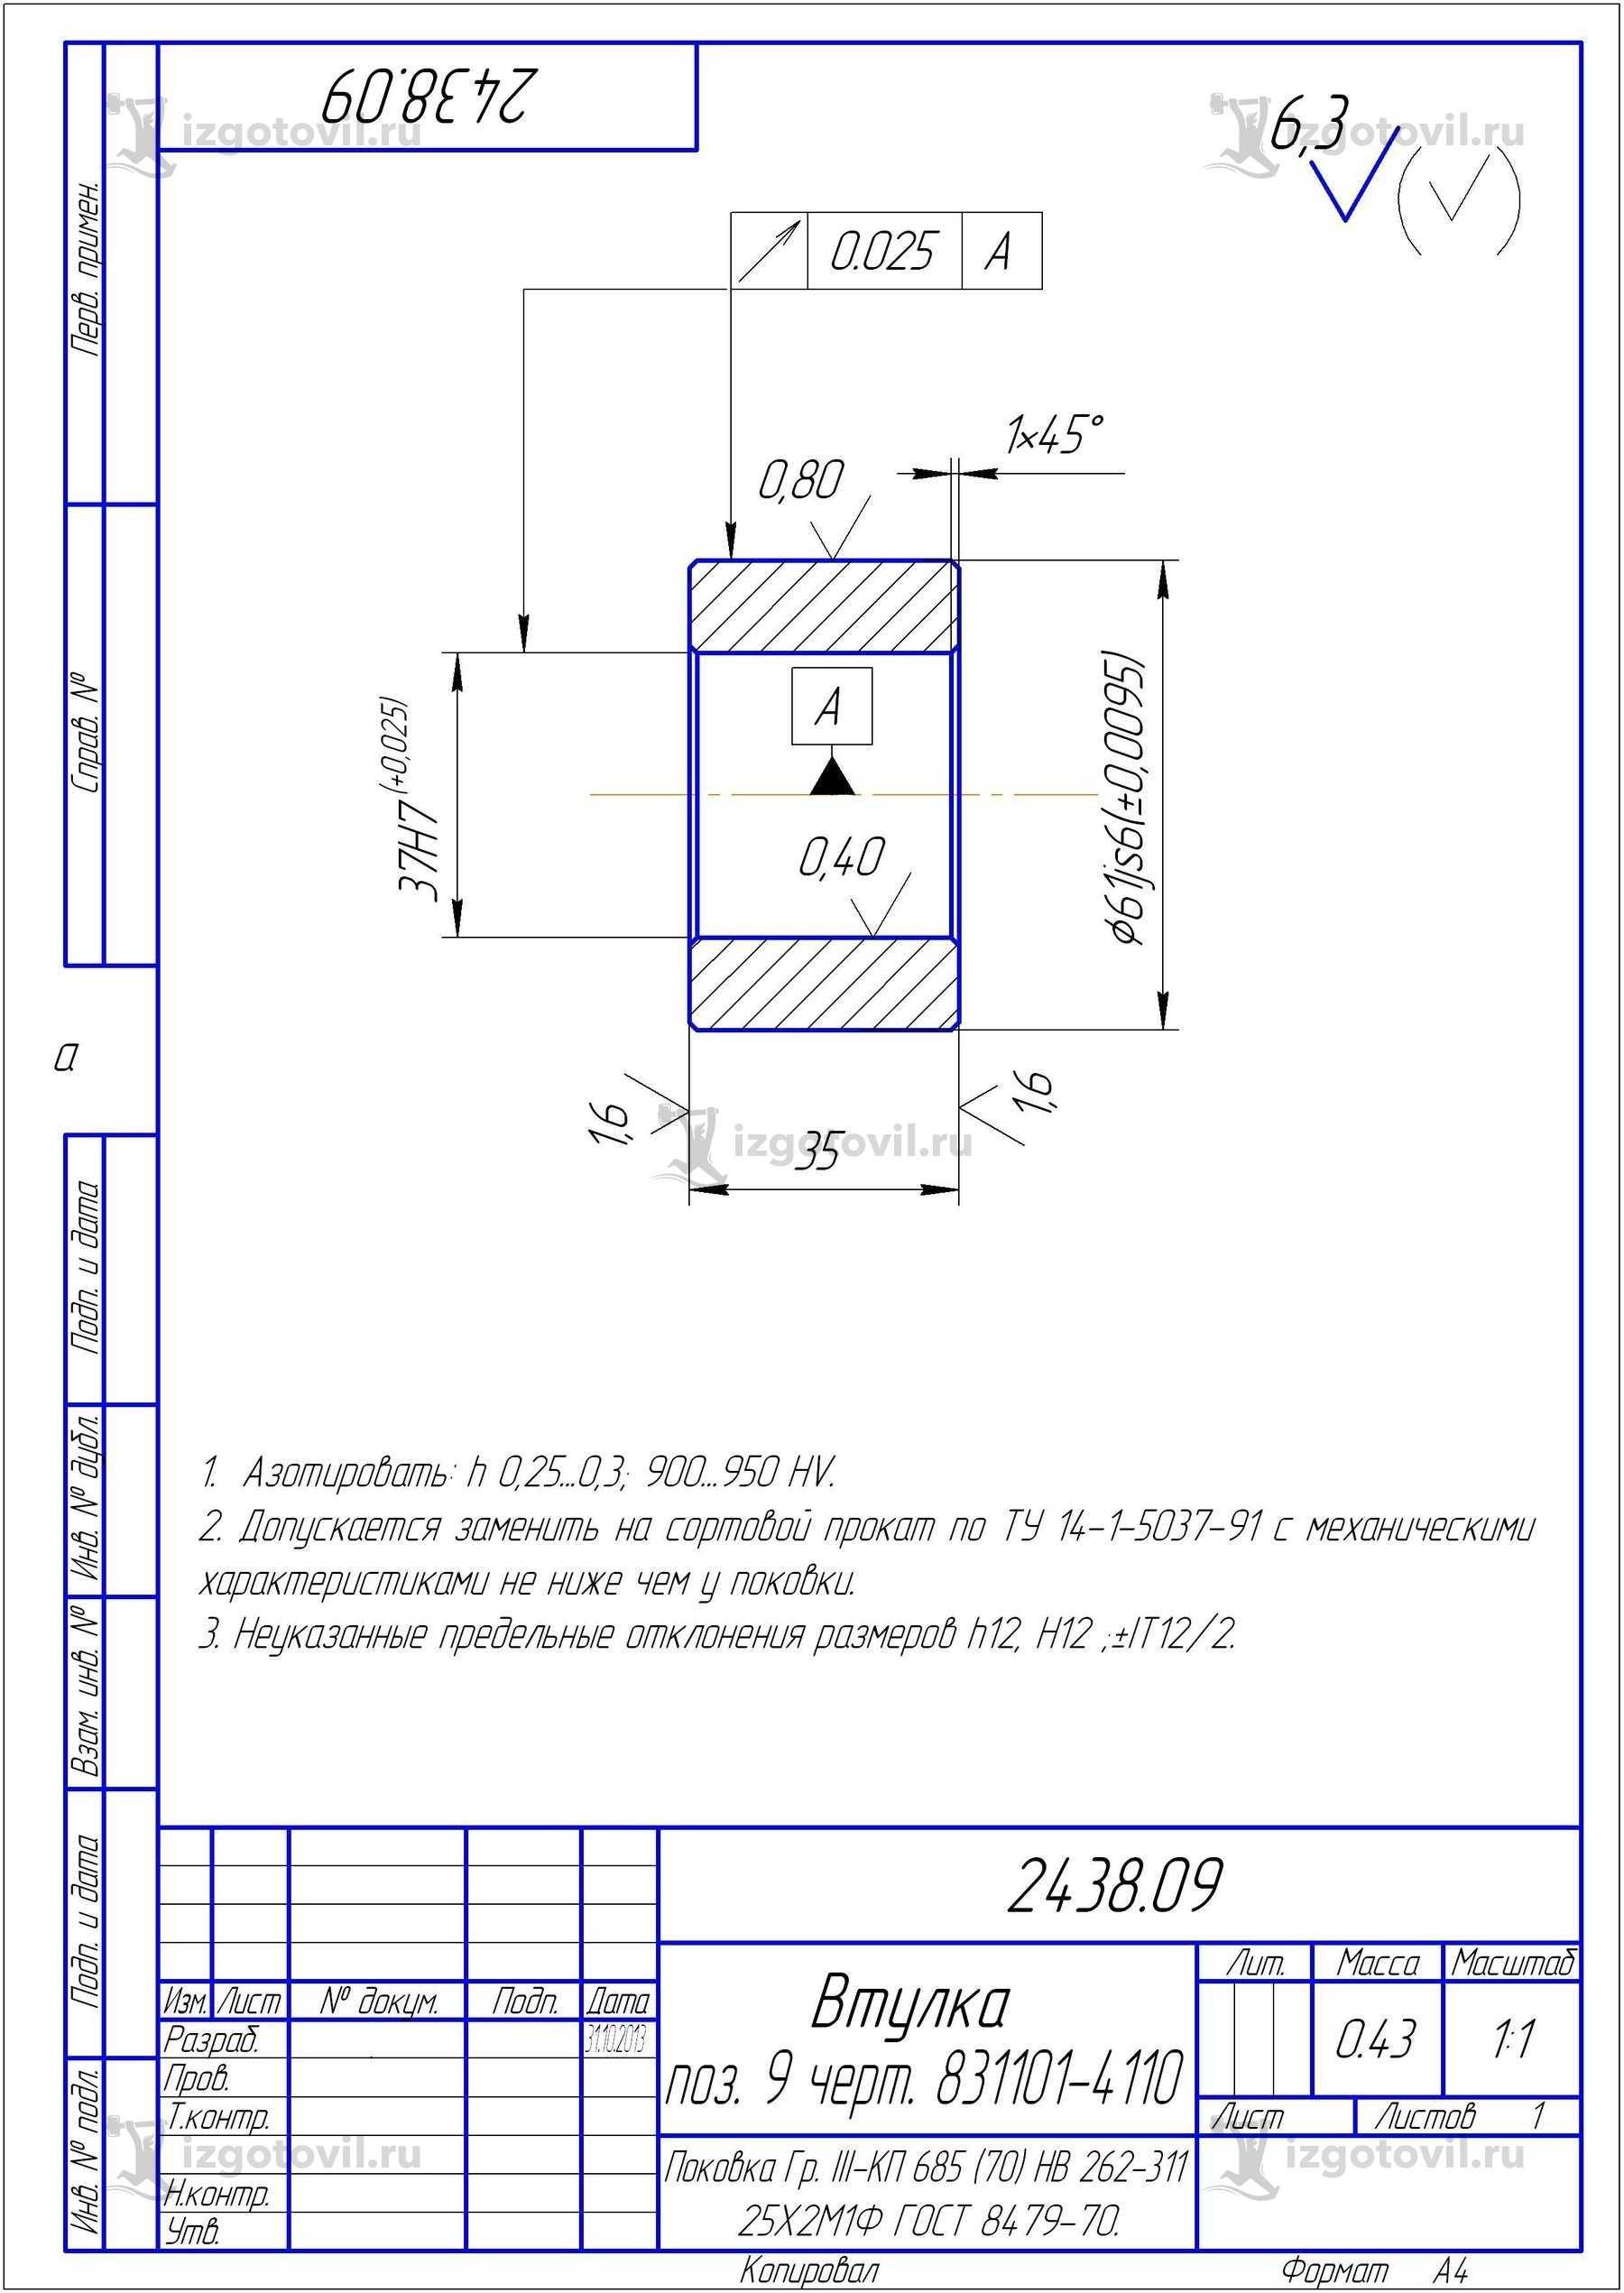 Изготовление деталей оборудования (детали клапана.)